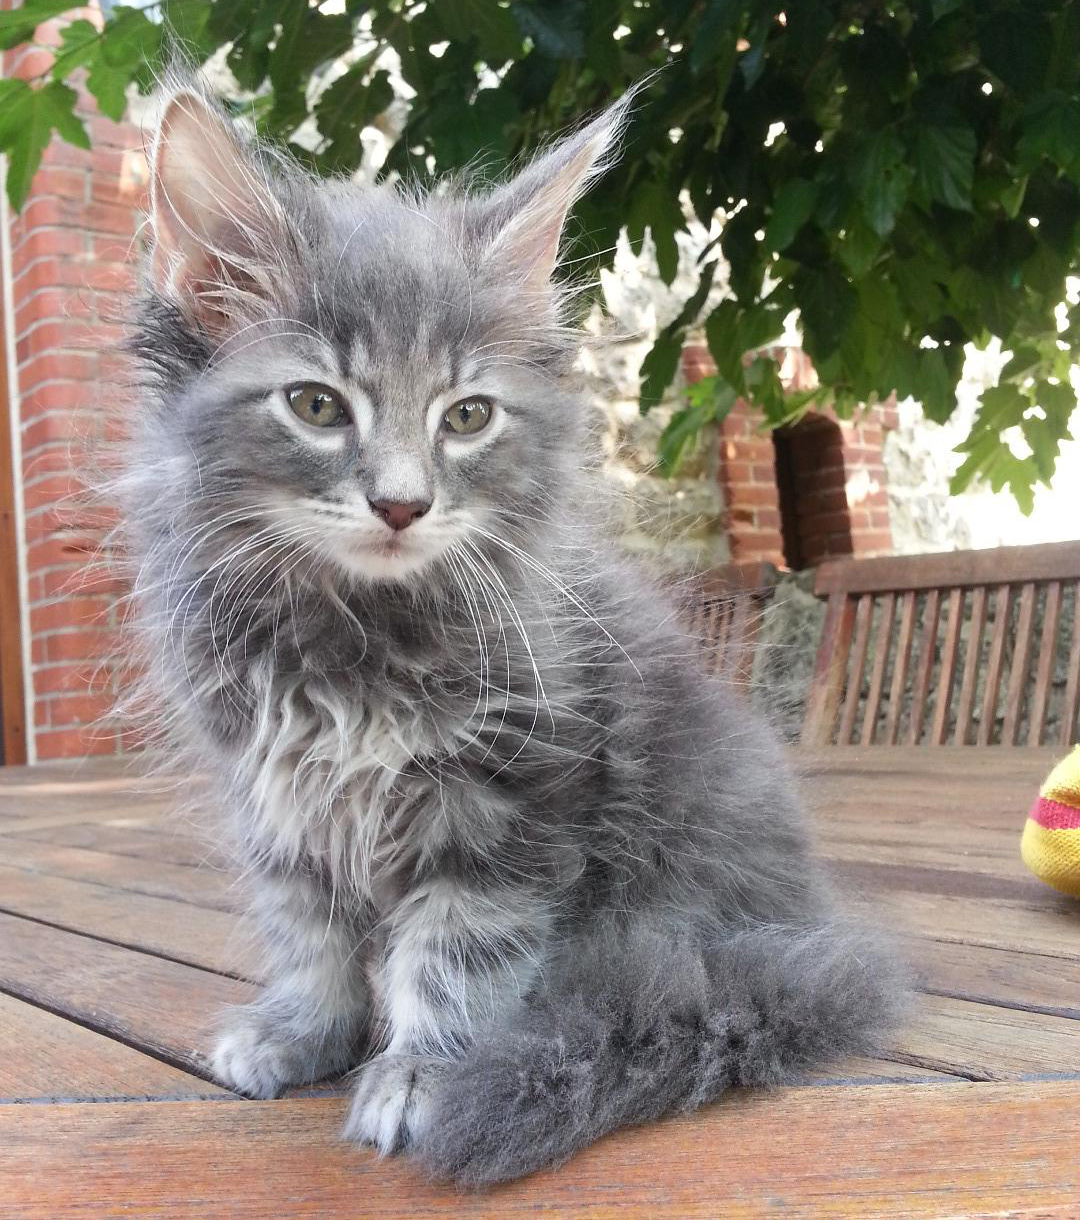 Race de petits chats brosse carde chat - Image de petit chat ...